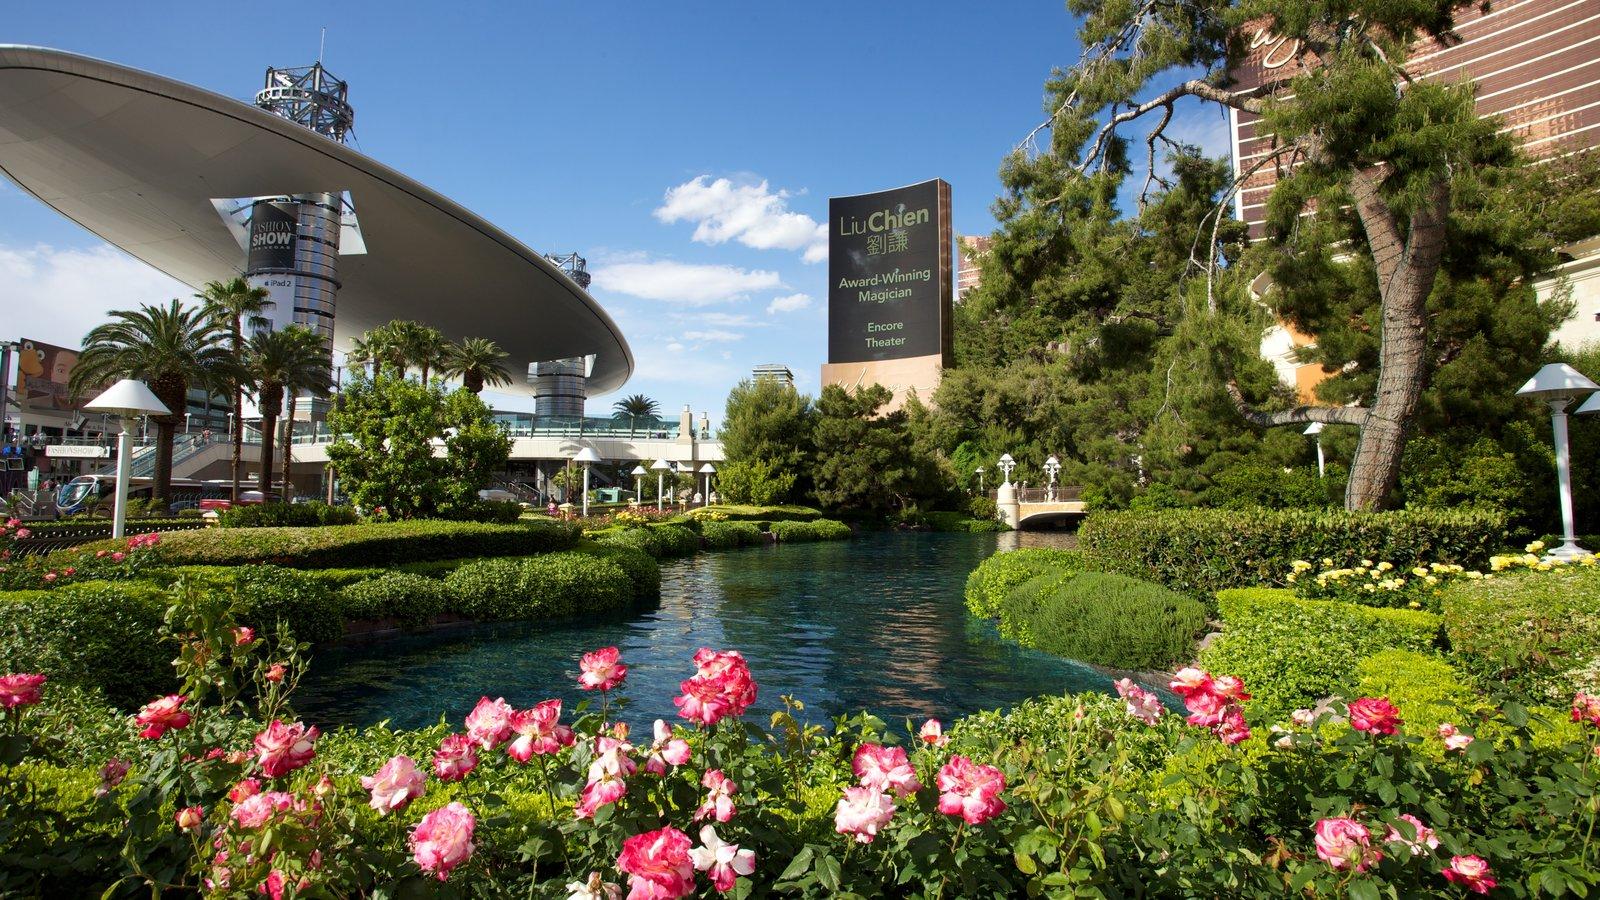 La Franja ofreciendo flores, una ciudad y un estanque